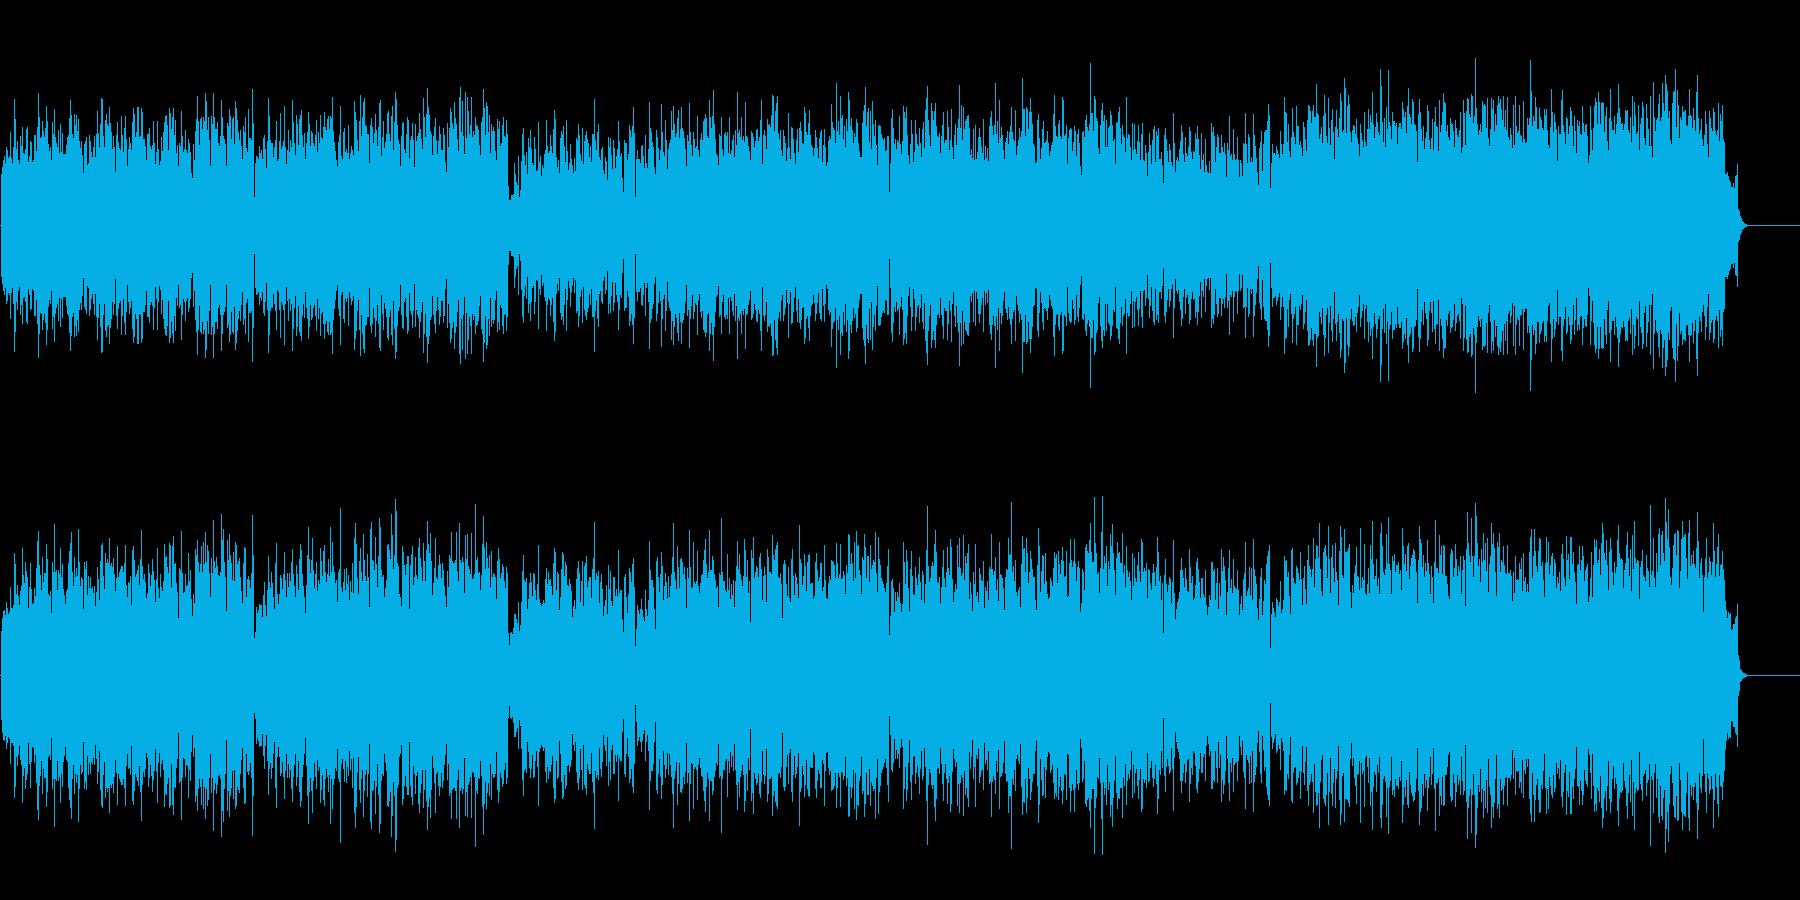 60年代全盛の正統派楽団風の再生済みの波形